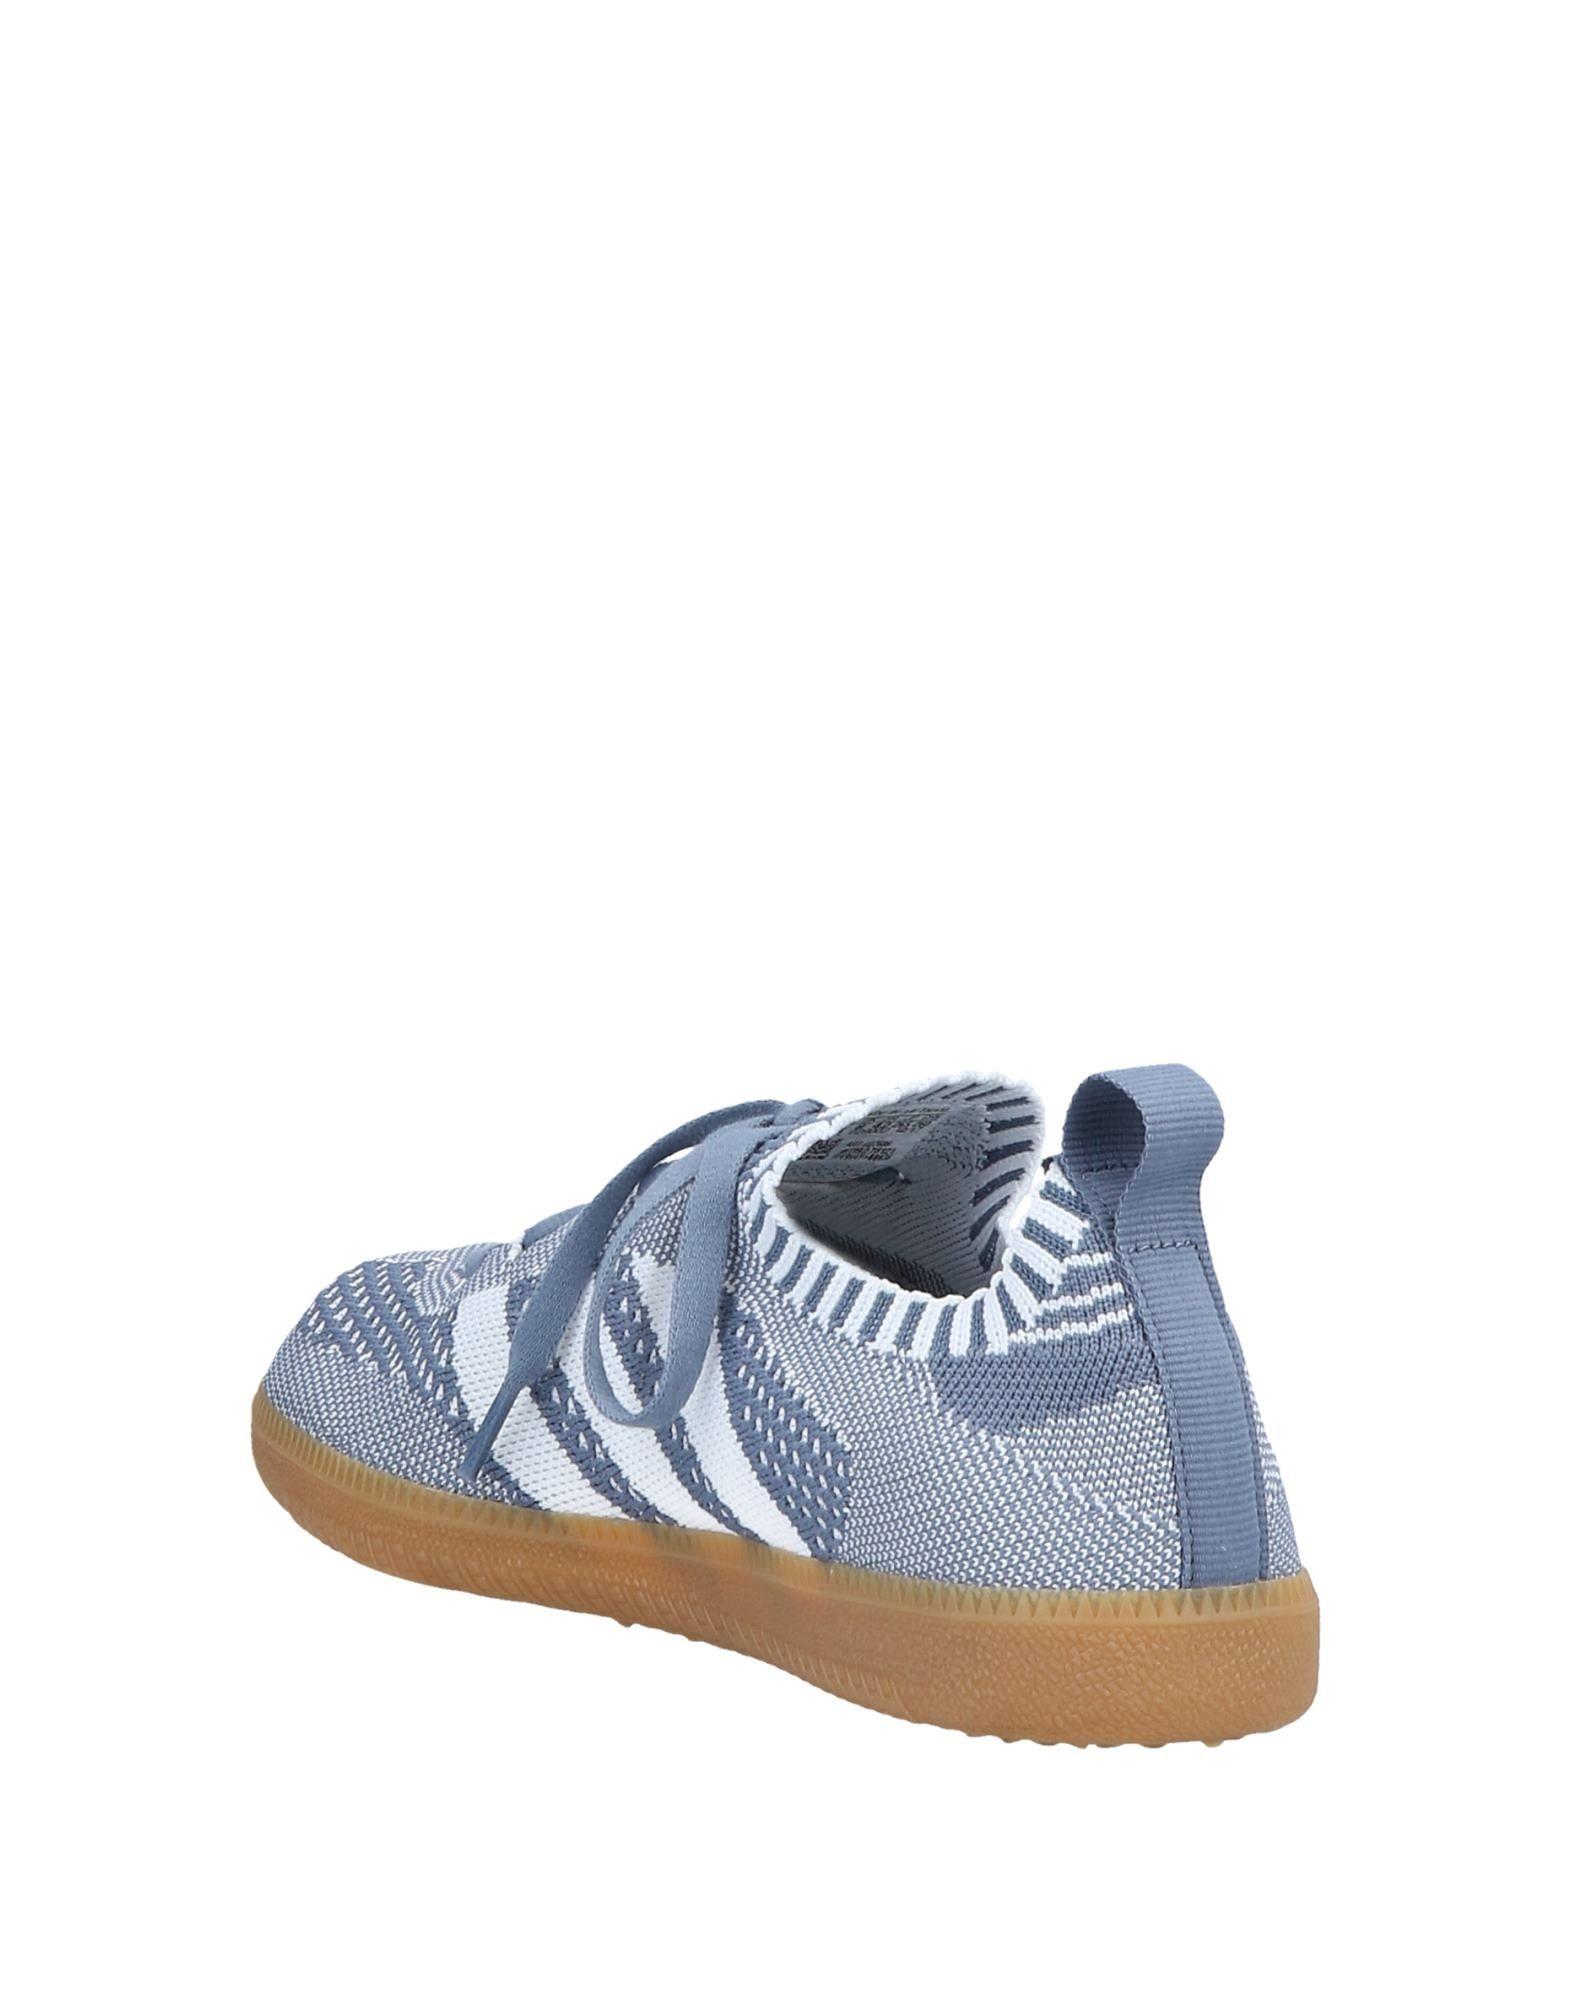 Adidas Originals Sneakers Damen beliebte  11563650BN Gute Qualität beliebte Damen Schuhe 28eae3